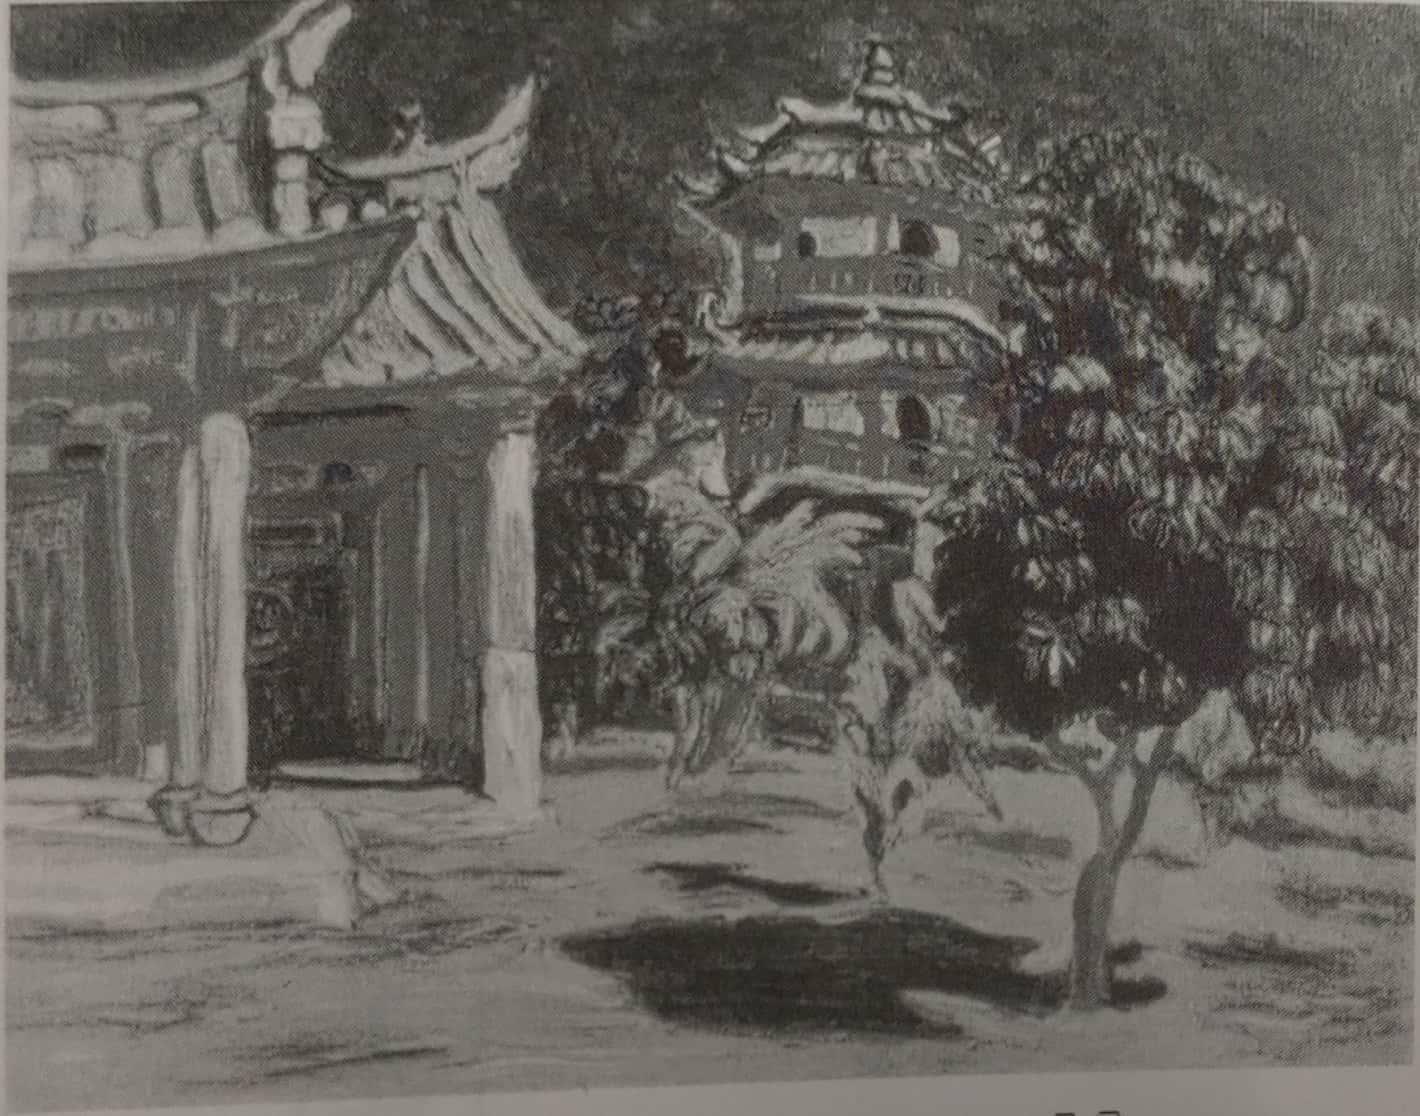 【名單之後】獨鍾臺南風景的日本畫家──御園生暢哉